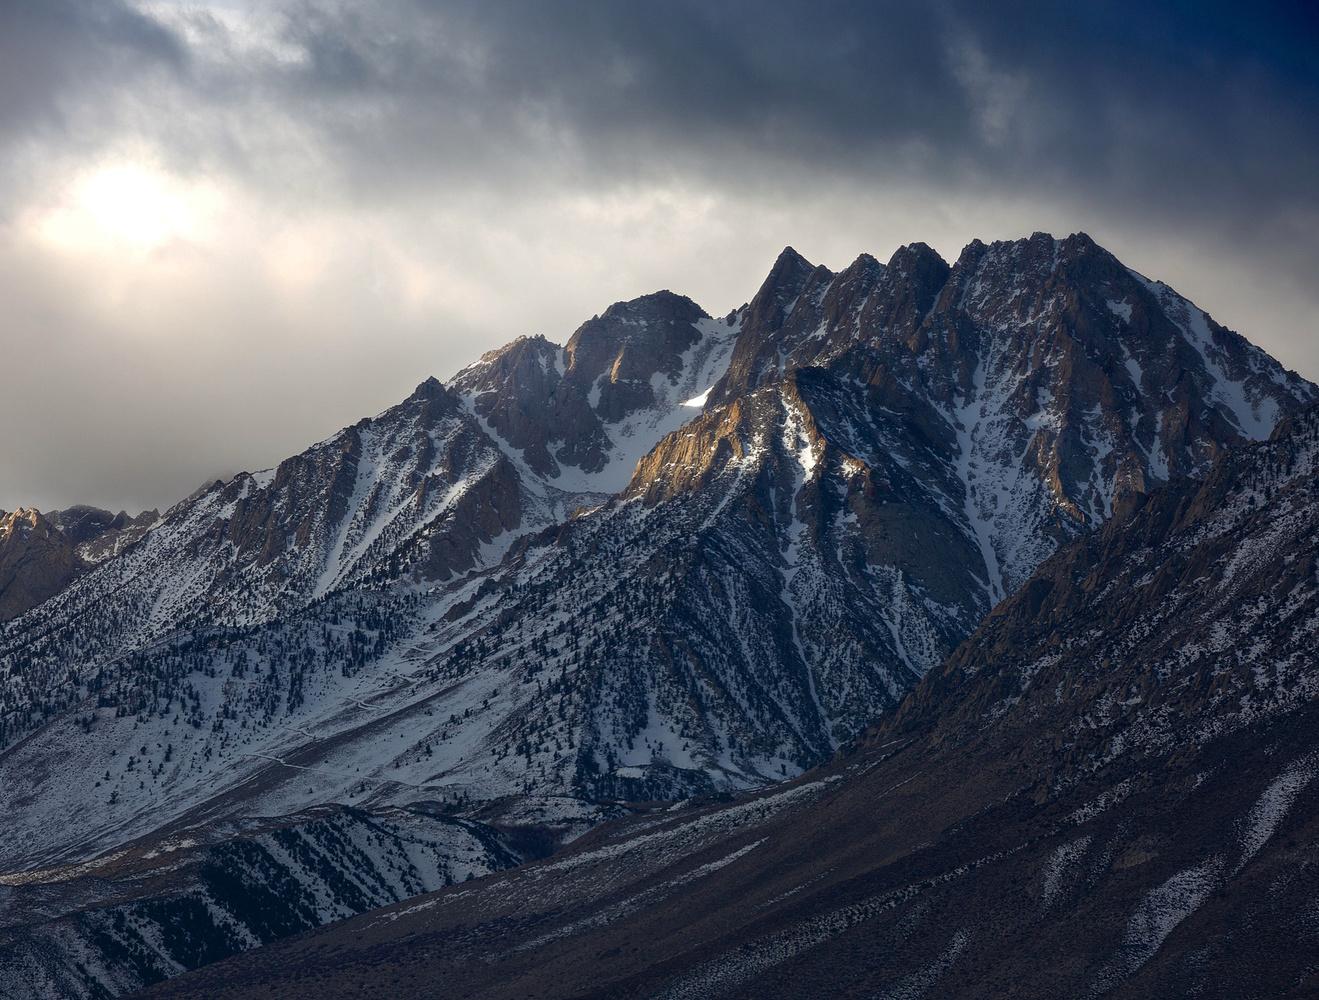 Eastern Sierra Peaks by Jeremy Leder